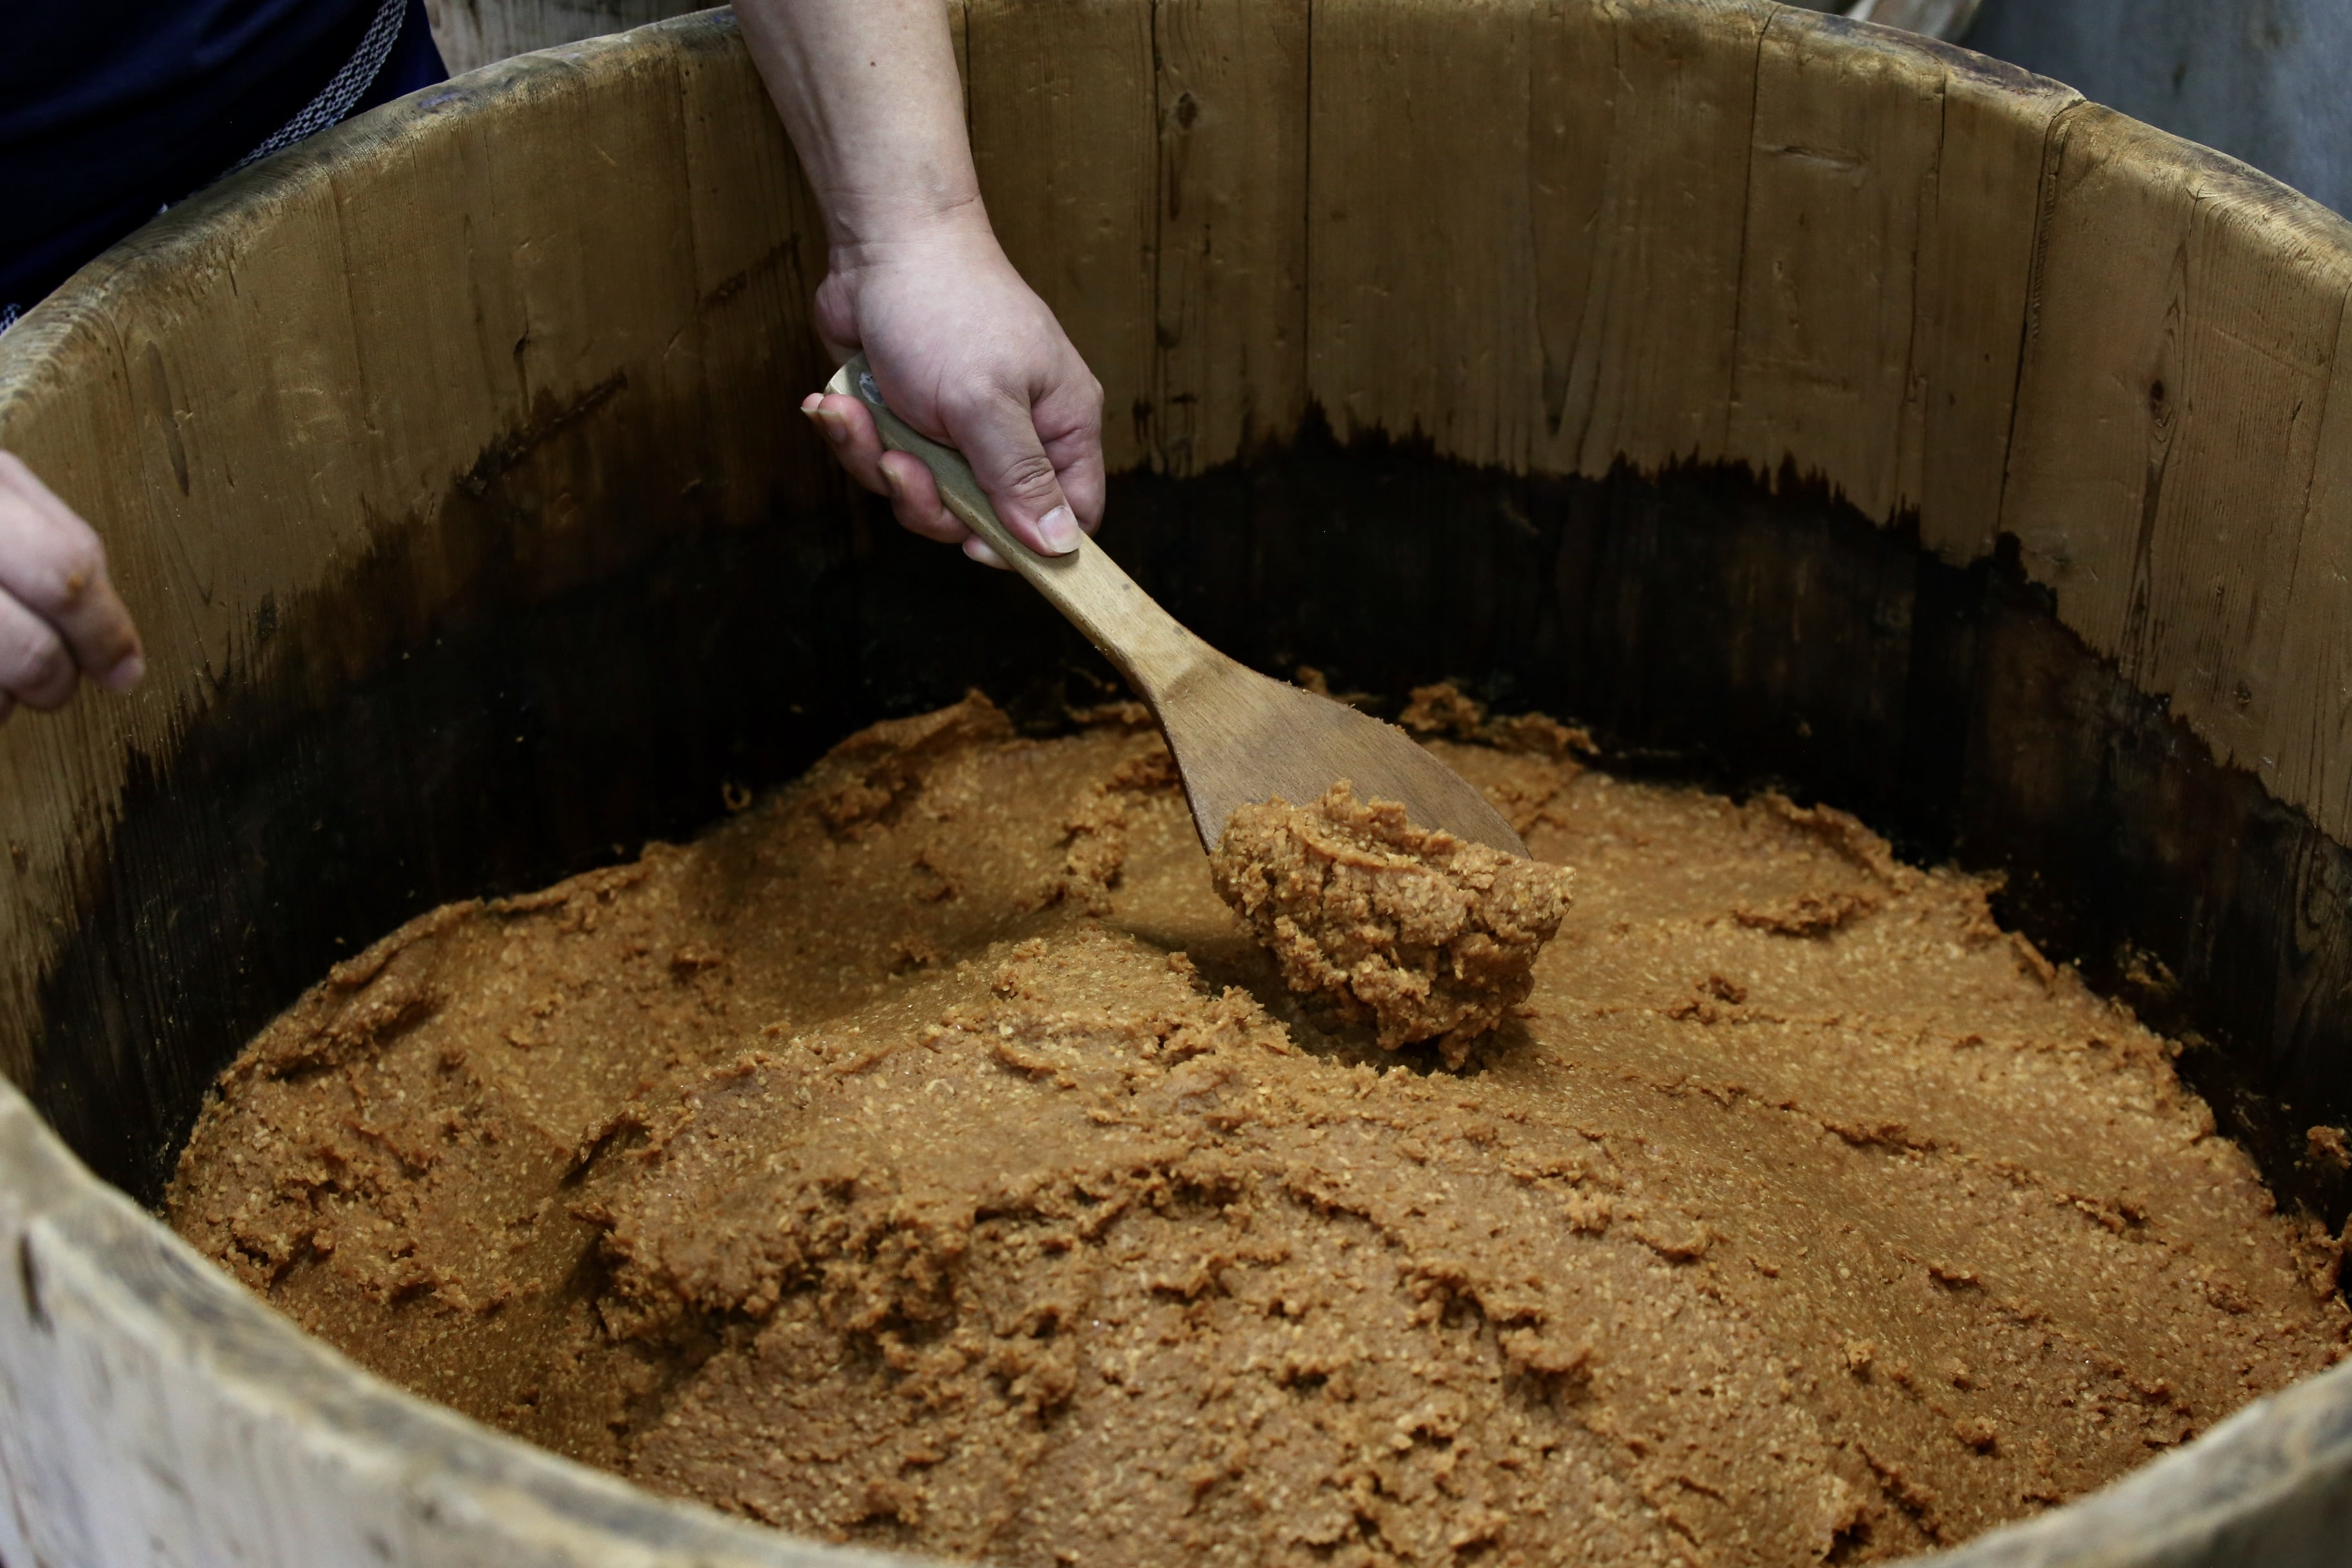 016-024 いろいろな味を楽しみたい方へ こだわり信州味噌 大吟醸みそ含む4種4kg詰合せ(H)